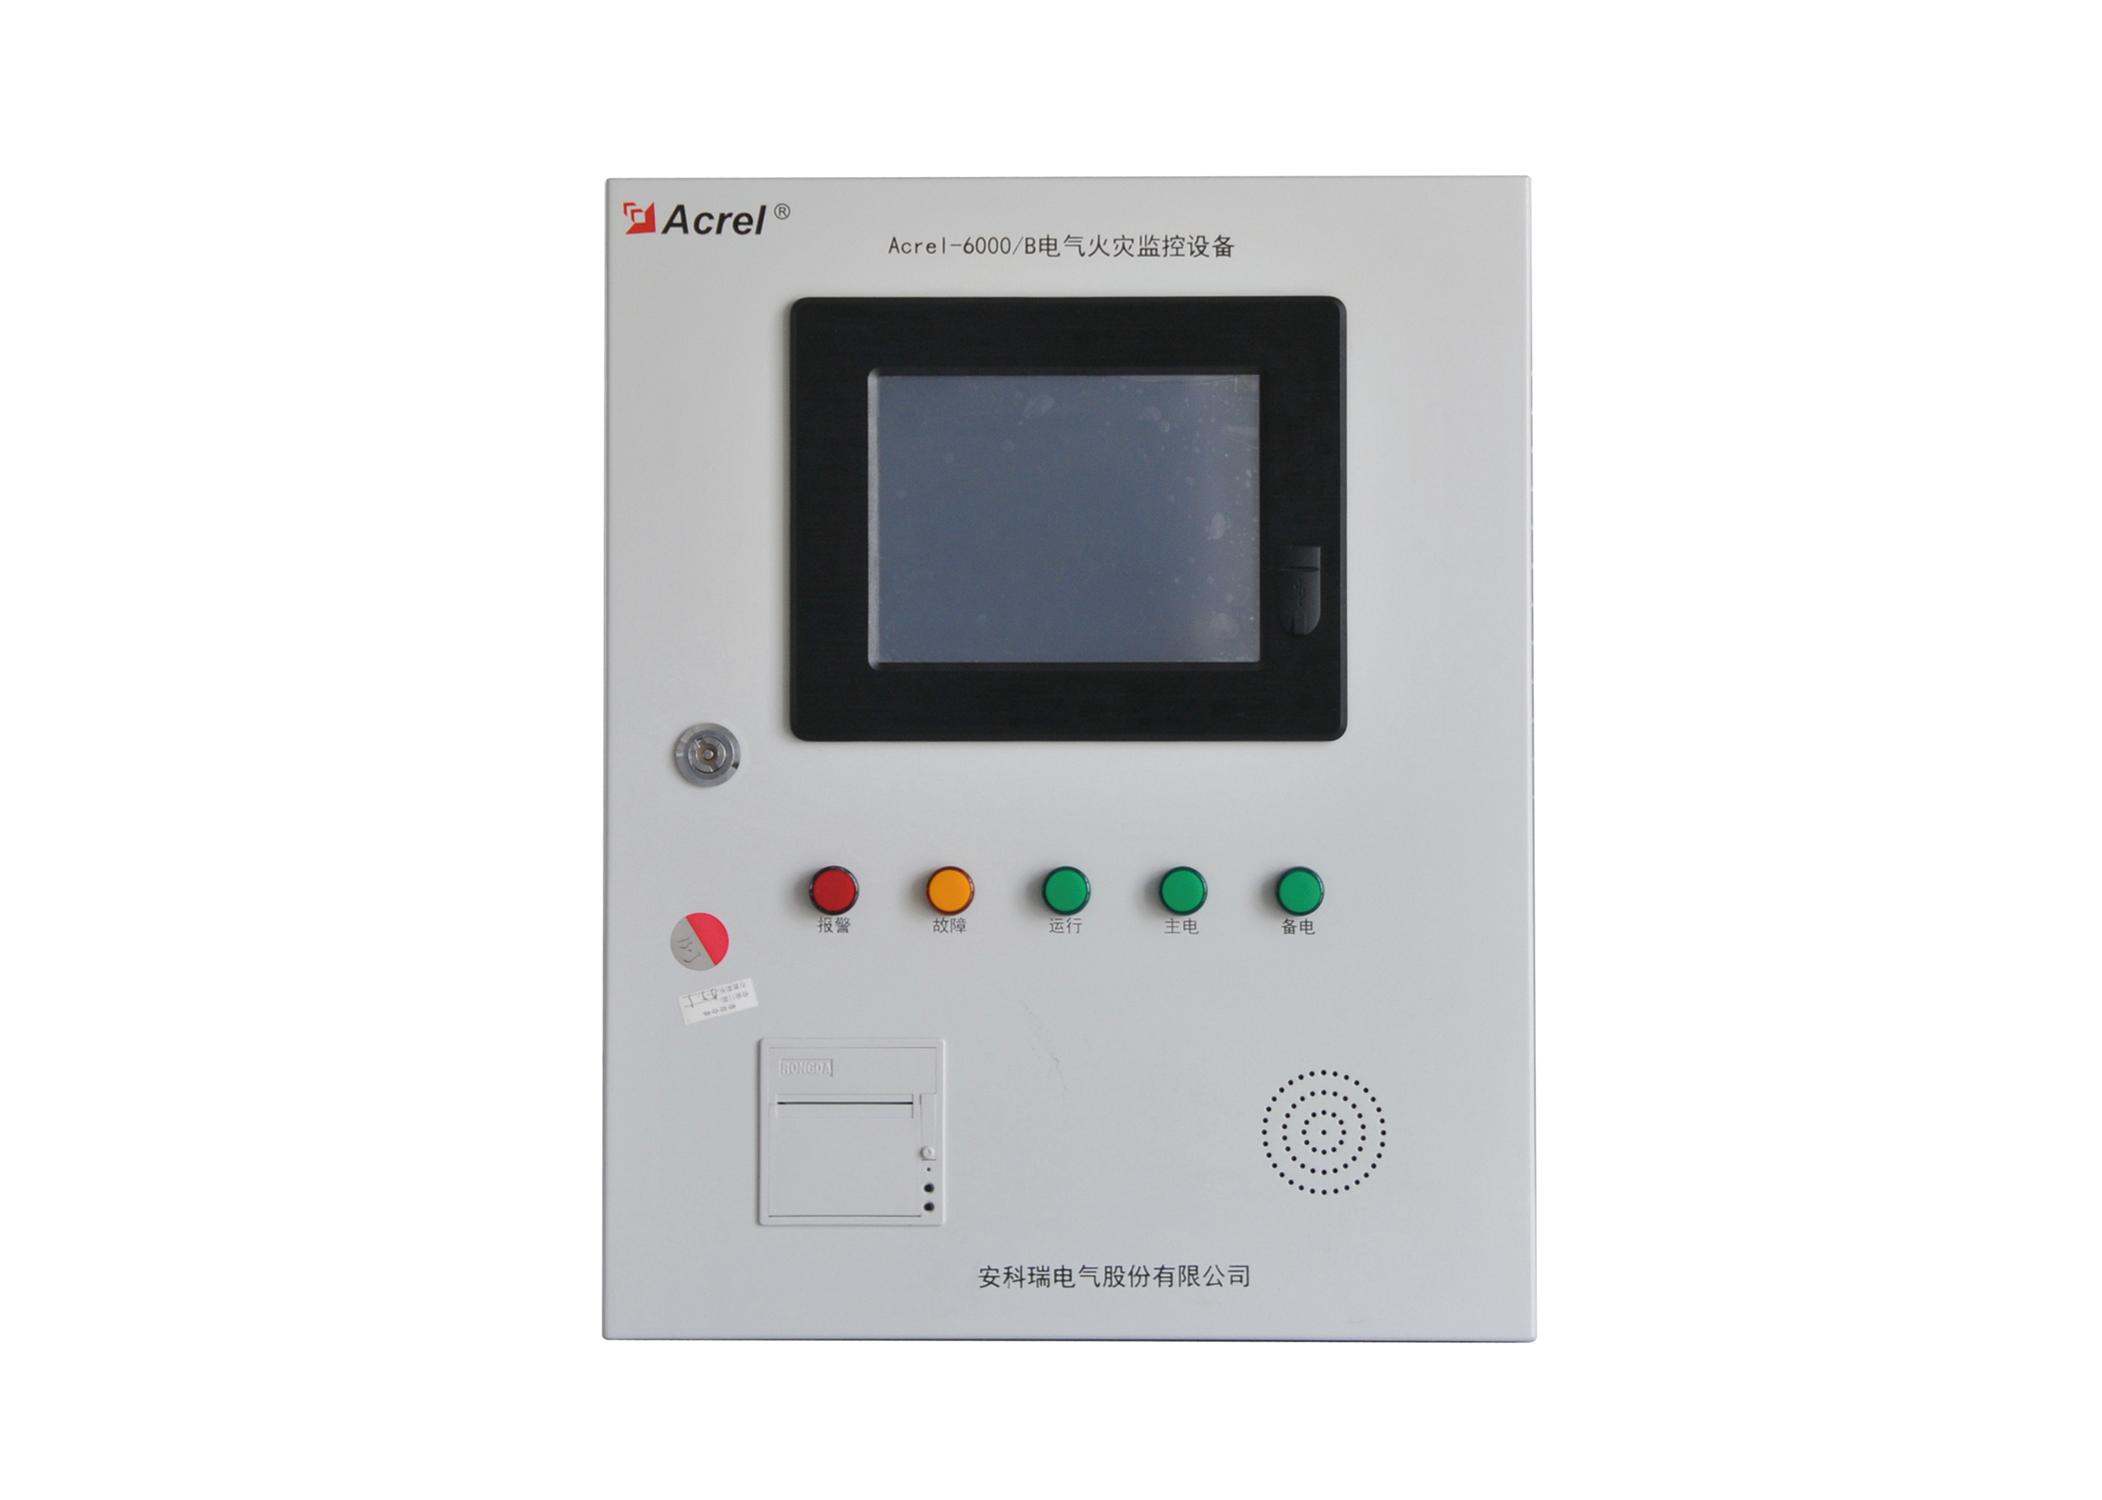 江阴市人民医院东院工程项目电气火灾监控系统的设计与应用